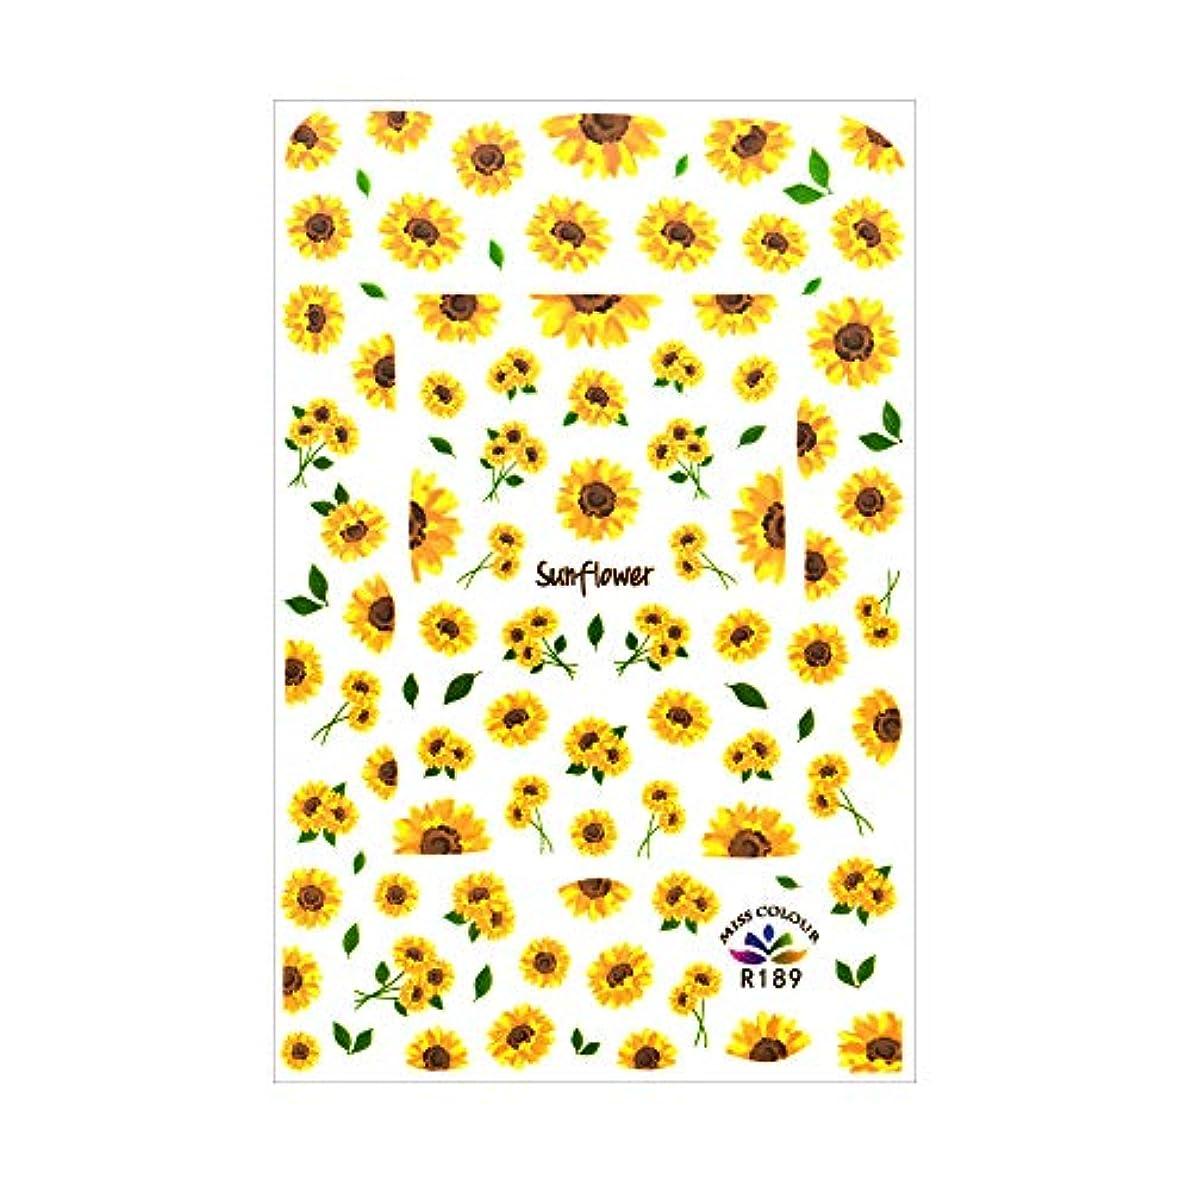 長いです不安定恐れるネイルシール ひまわりシール 花 フラワー 一輪花 ひまわり ヒマワリ 向日葵 サンフラワー 夏 サマー